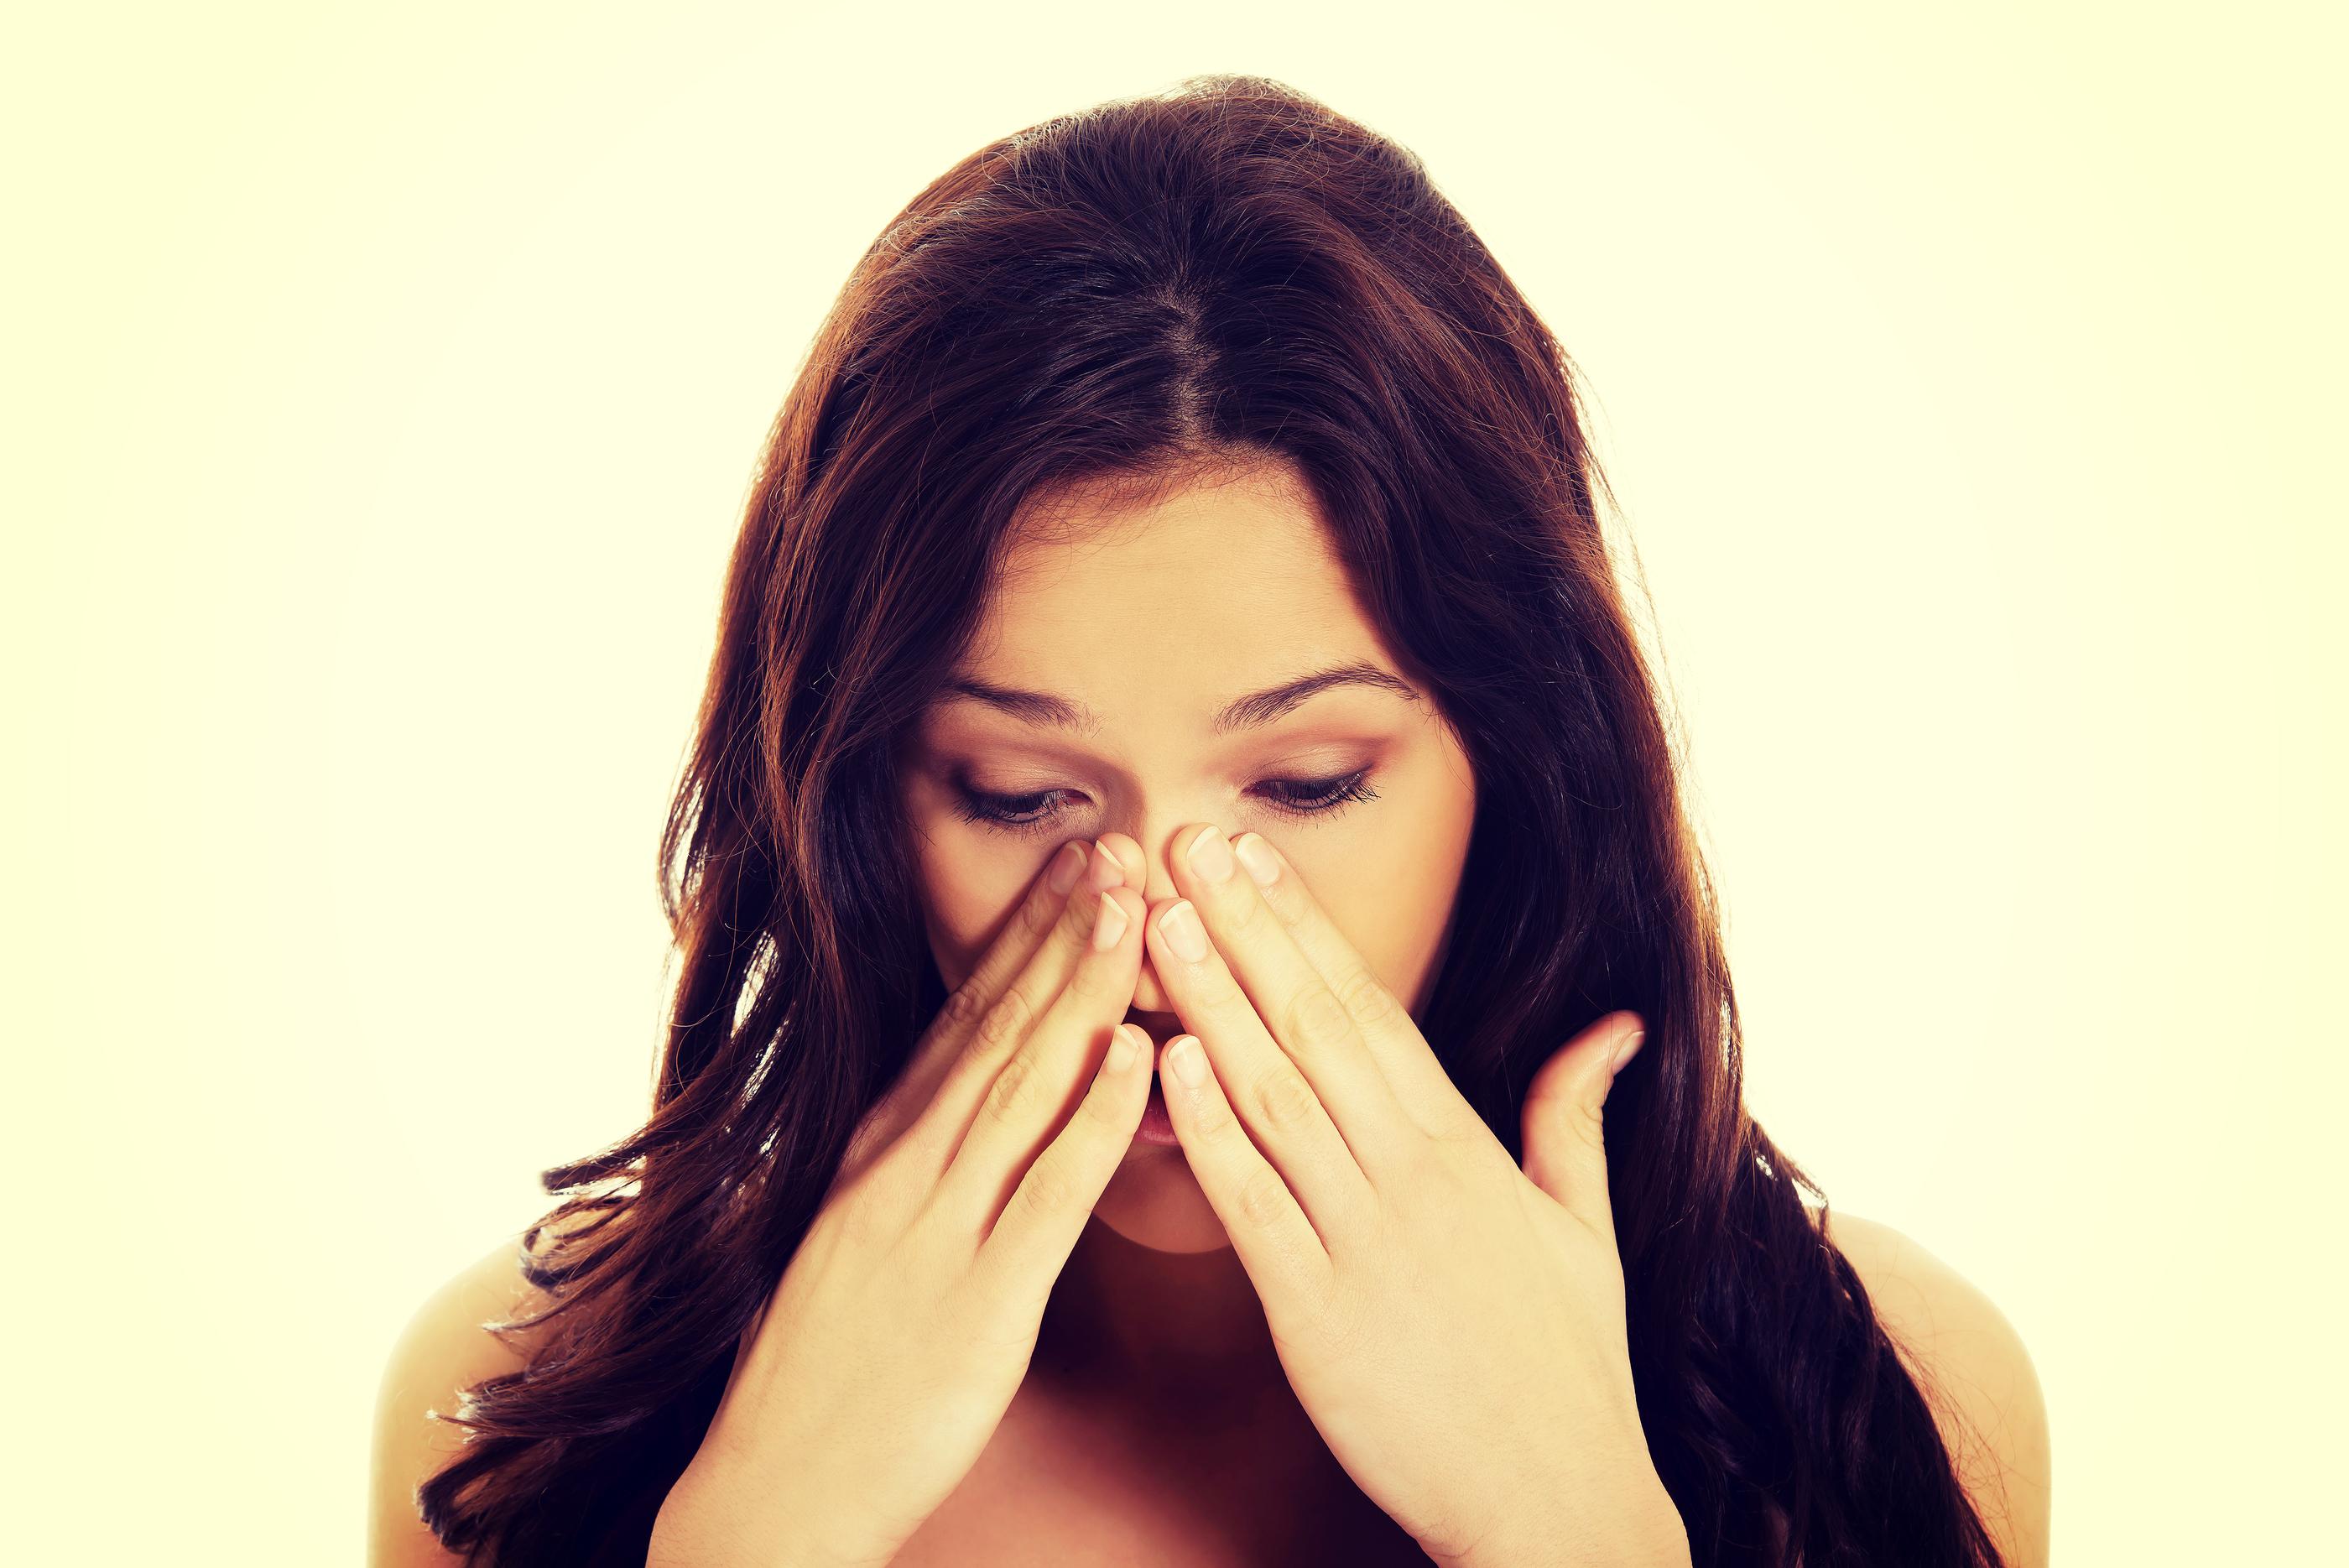 Upper Cervical Spine Provide Sinusitis Relief?